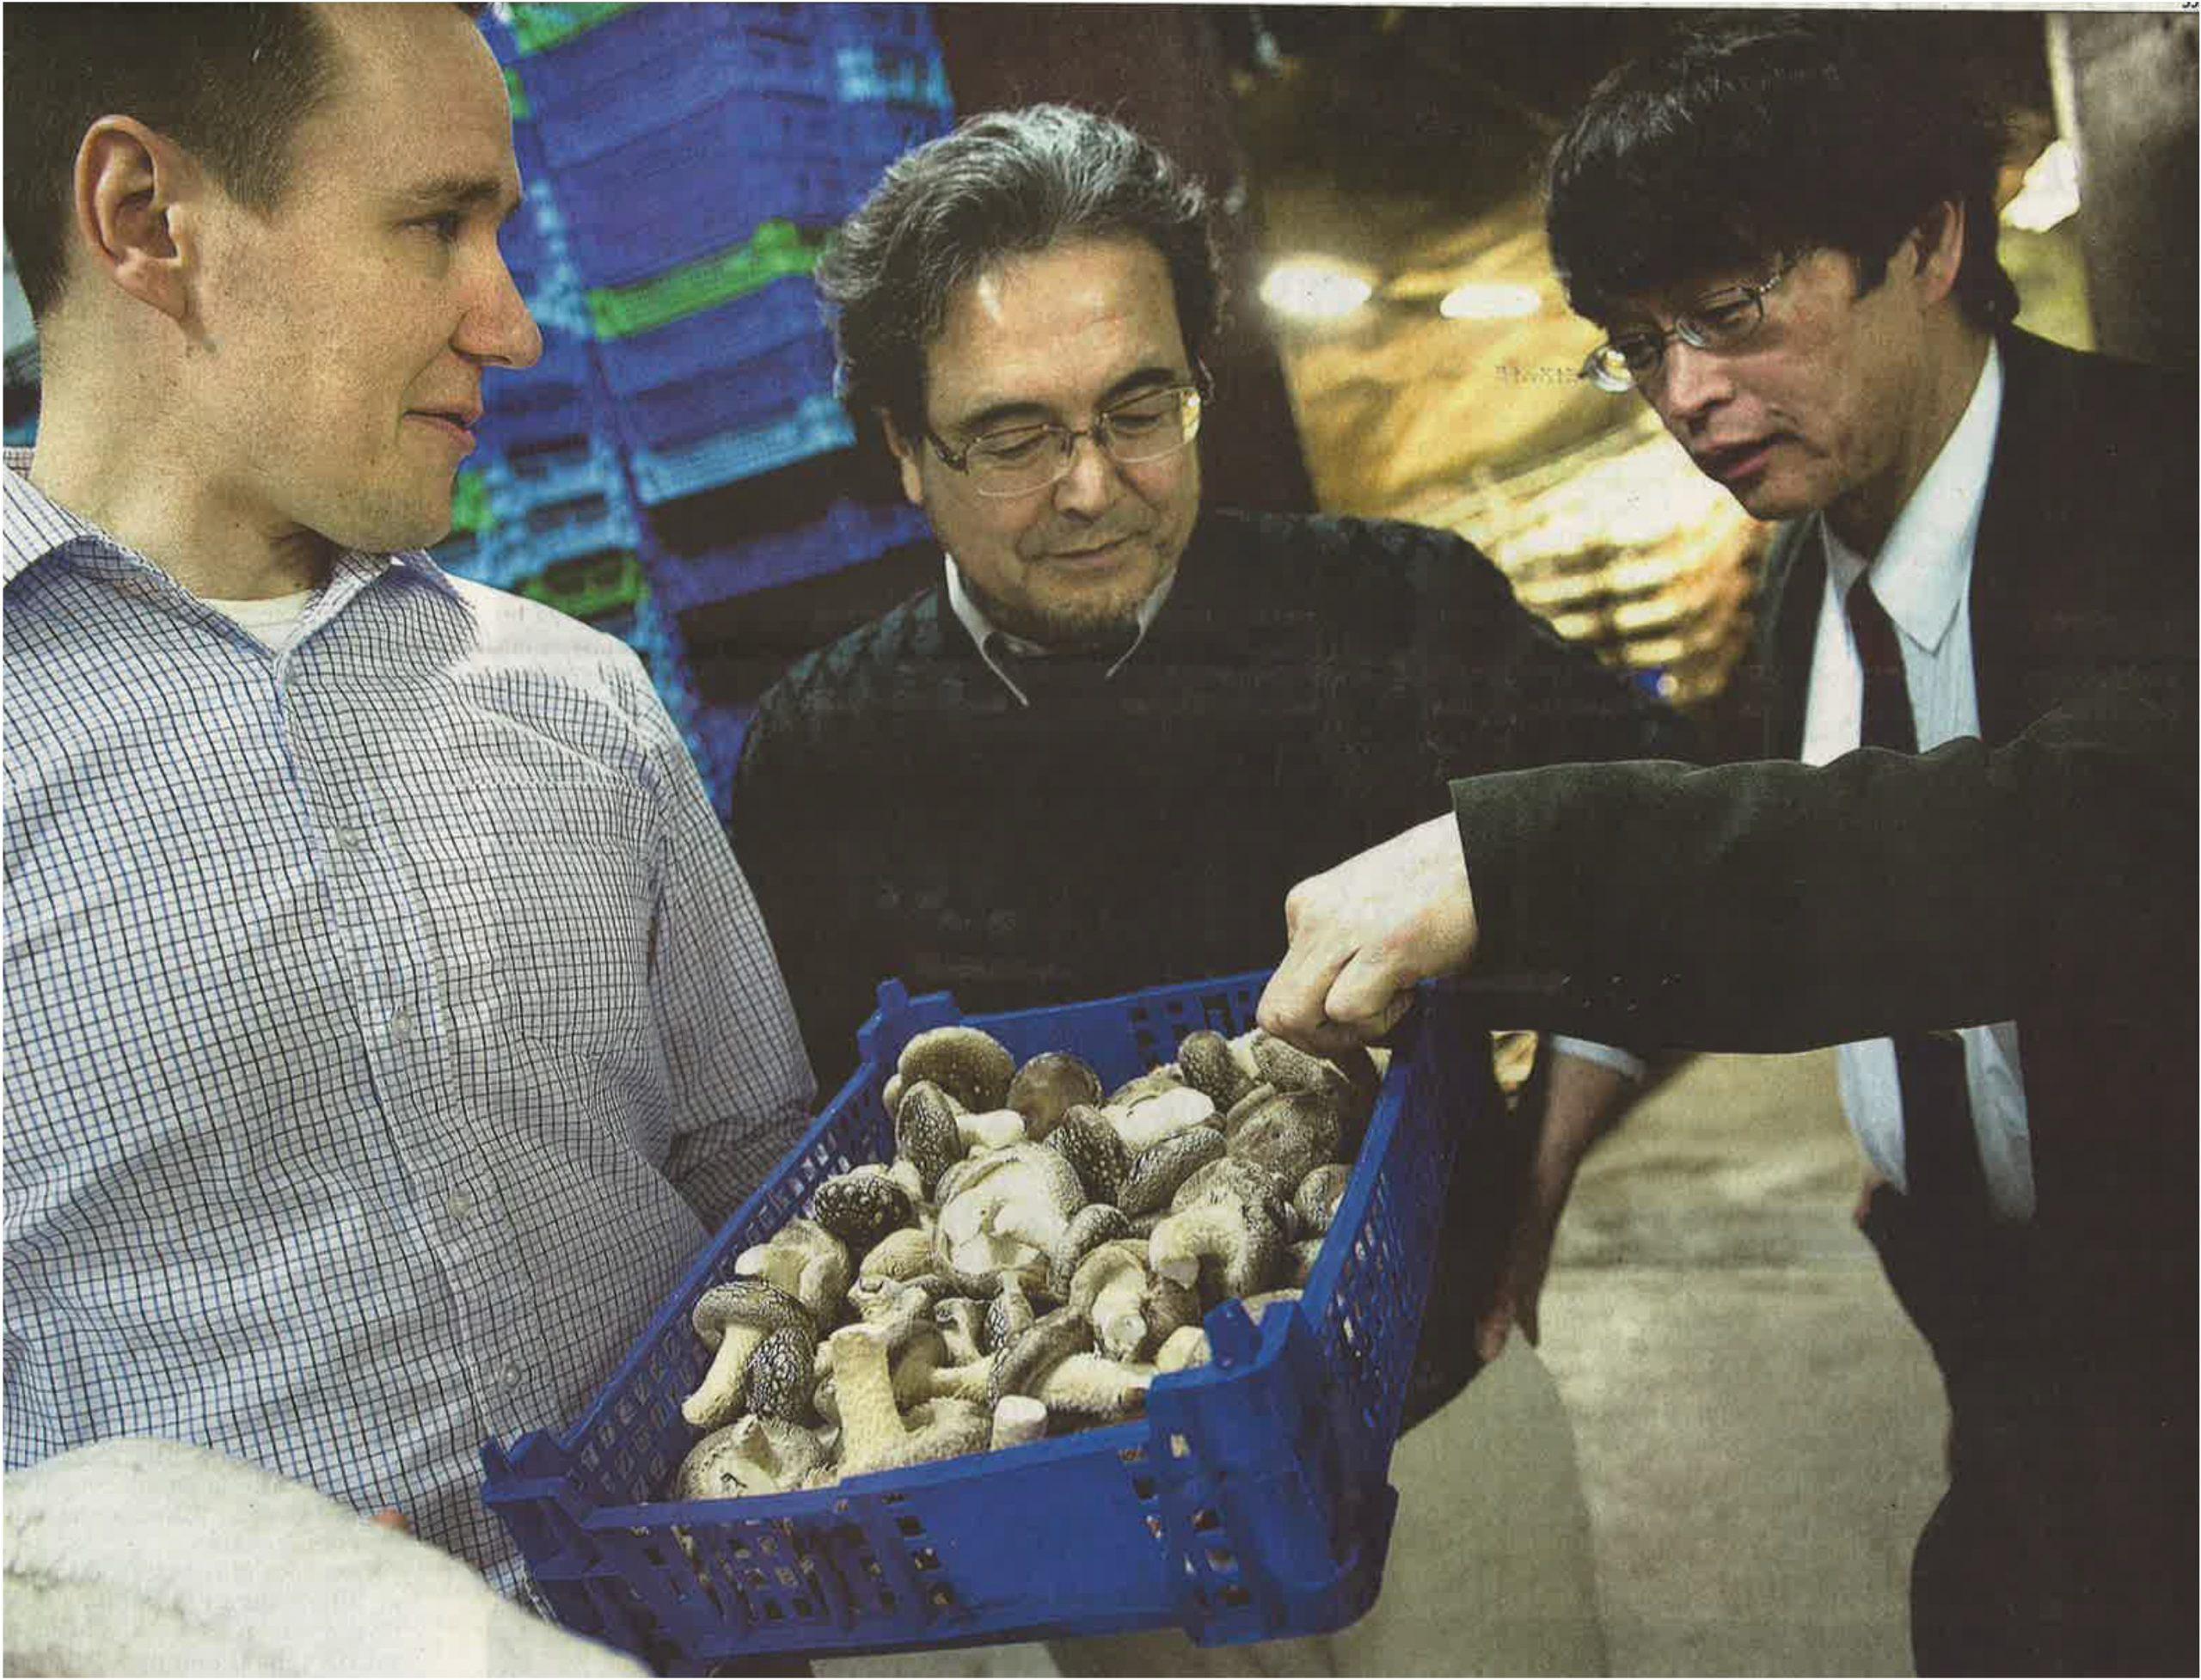 シイタケの種菌提供と生産技術指導